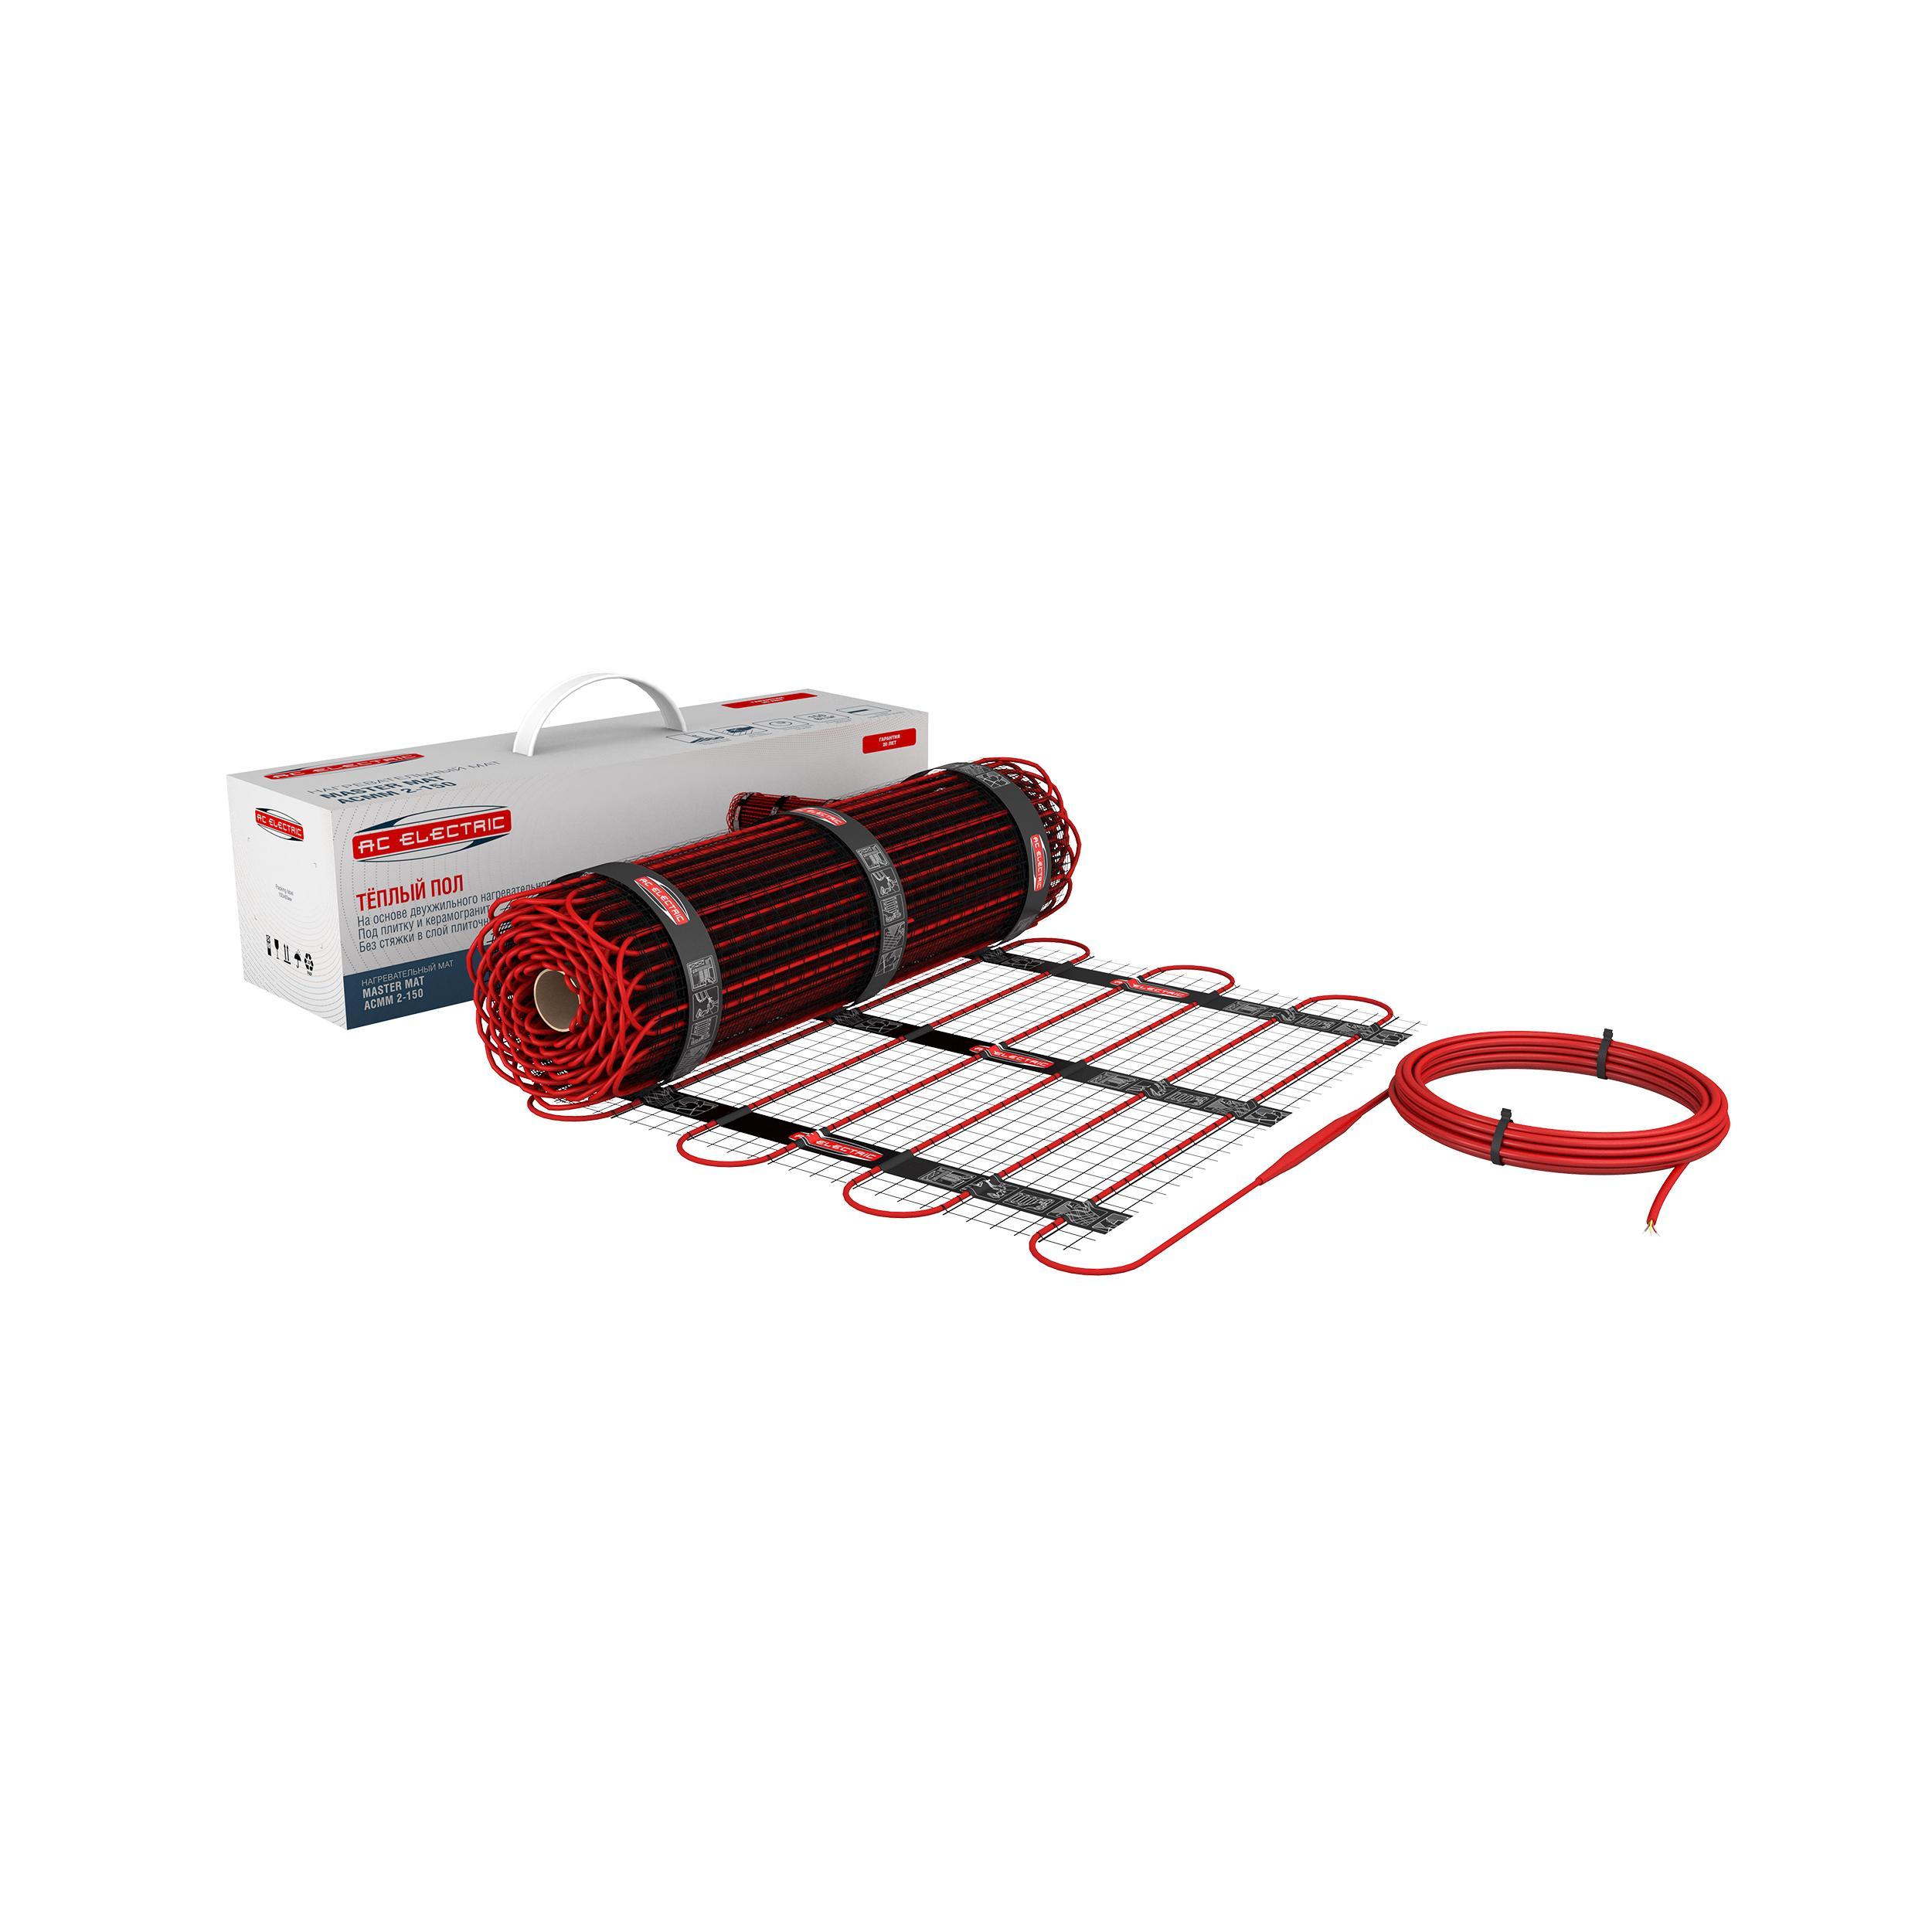 Нагревательный мат Ac electric Acmm 2-150-9 НС-1179167